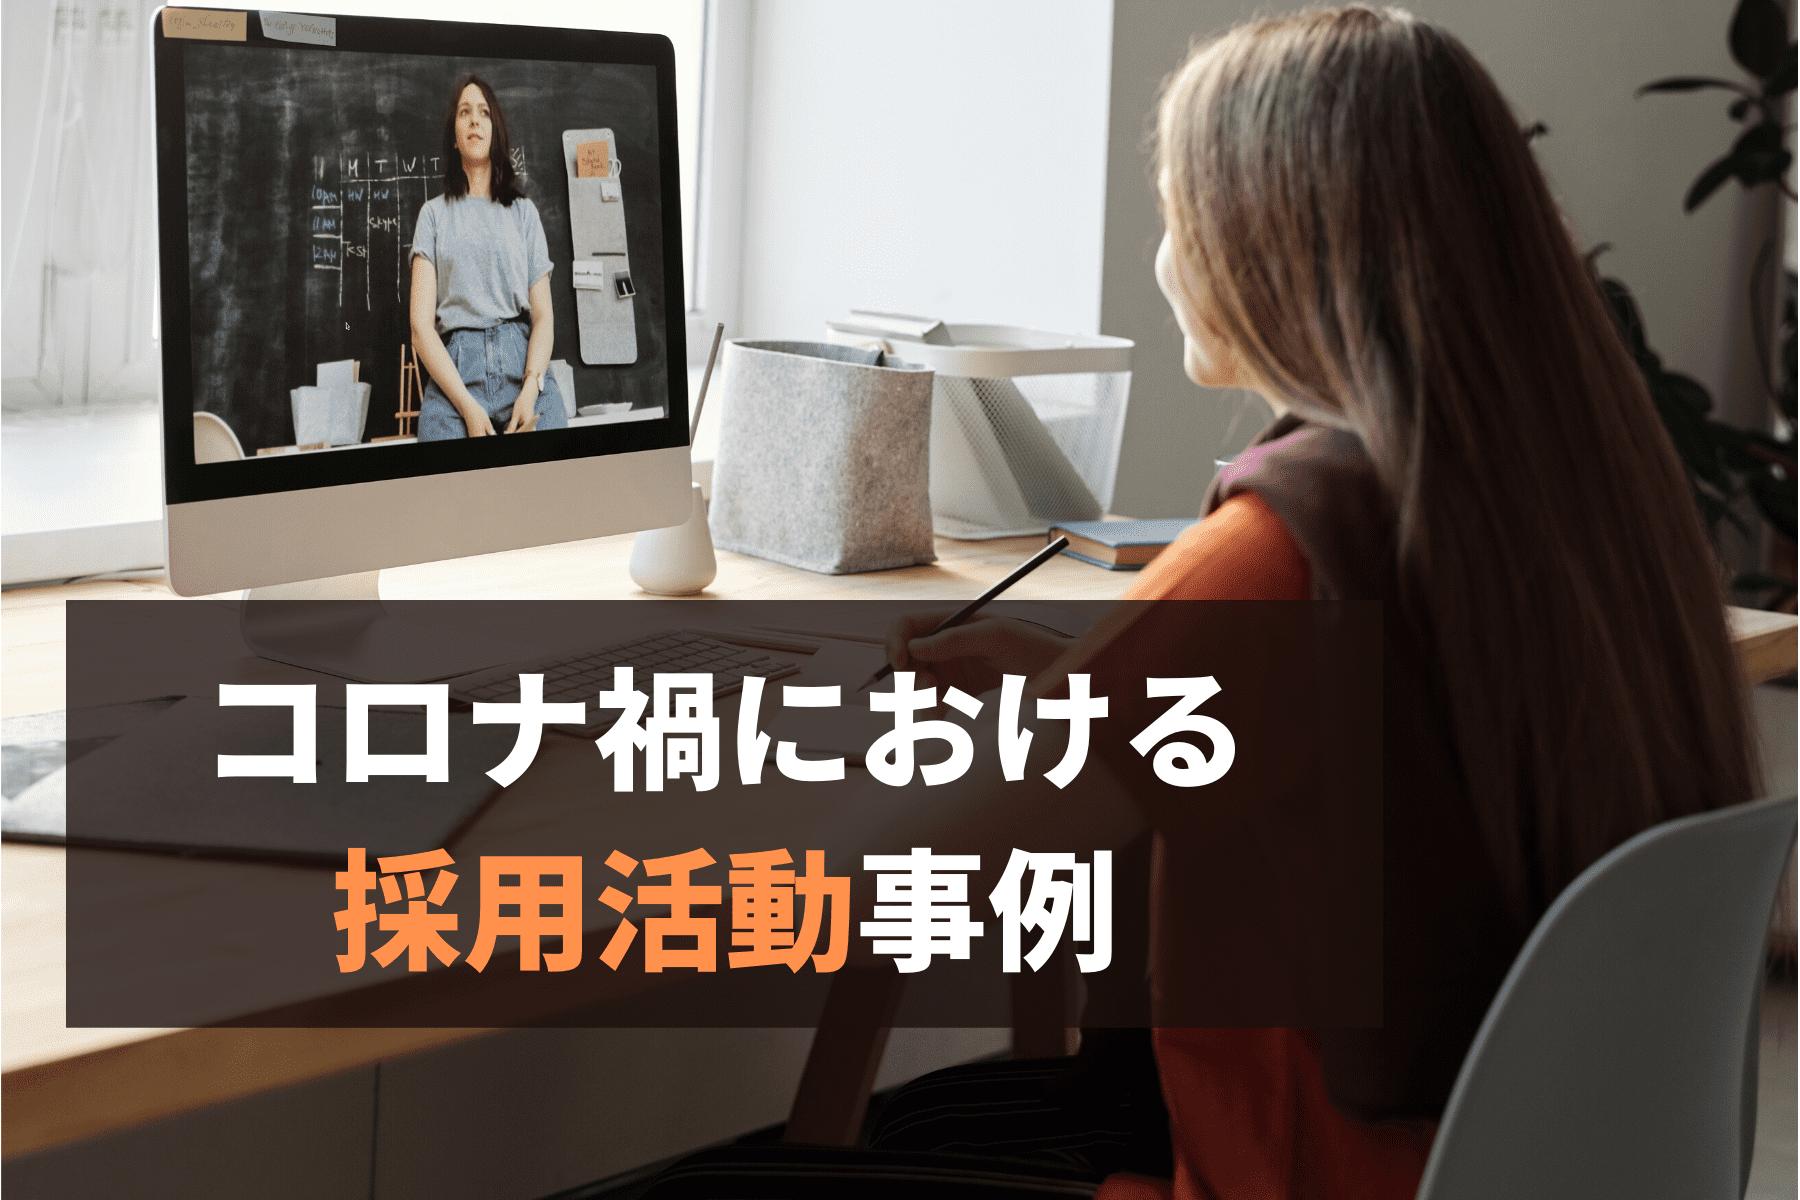 コロナ禍における 採用活動事例 (1)